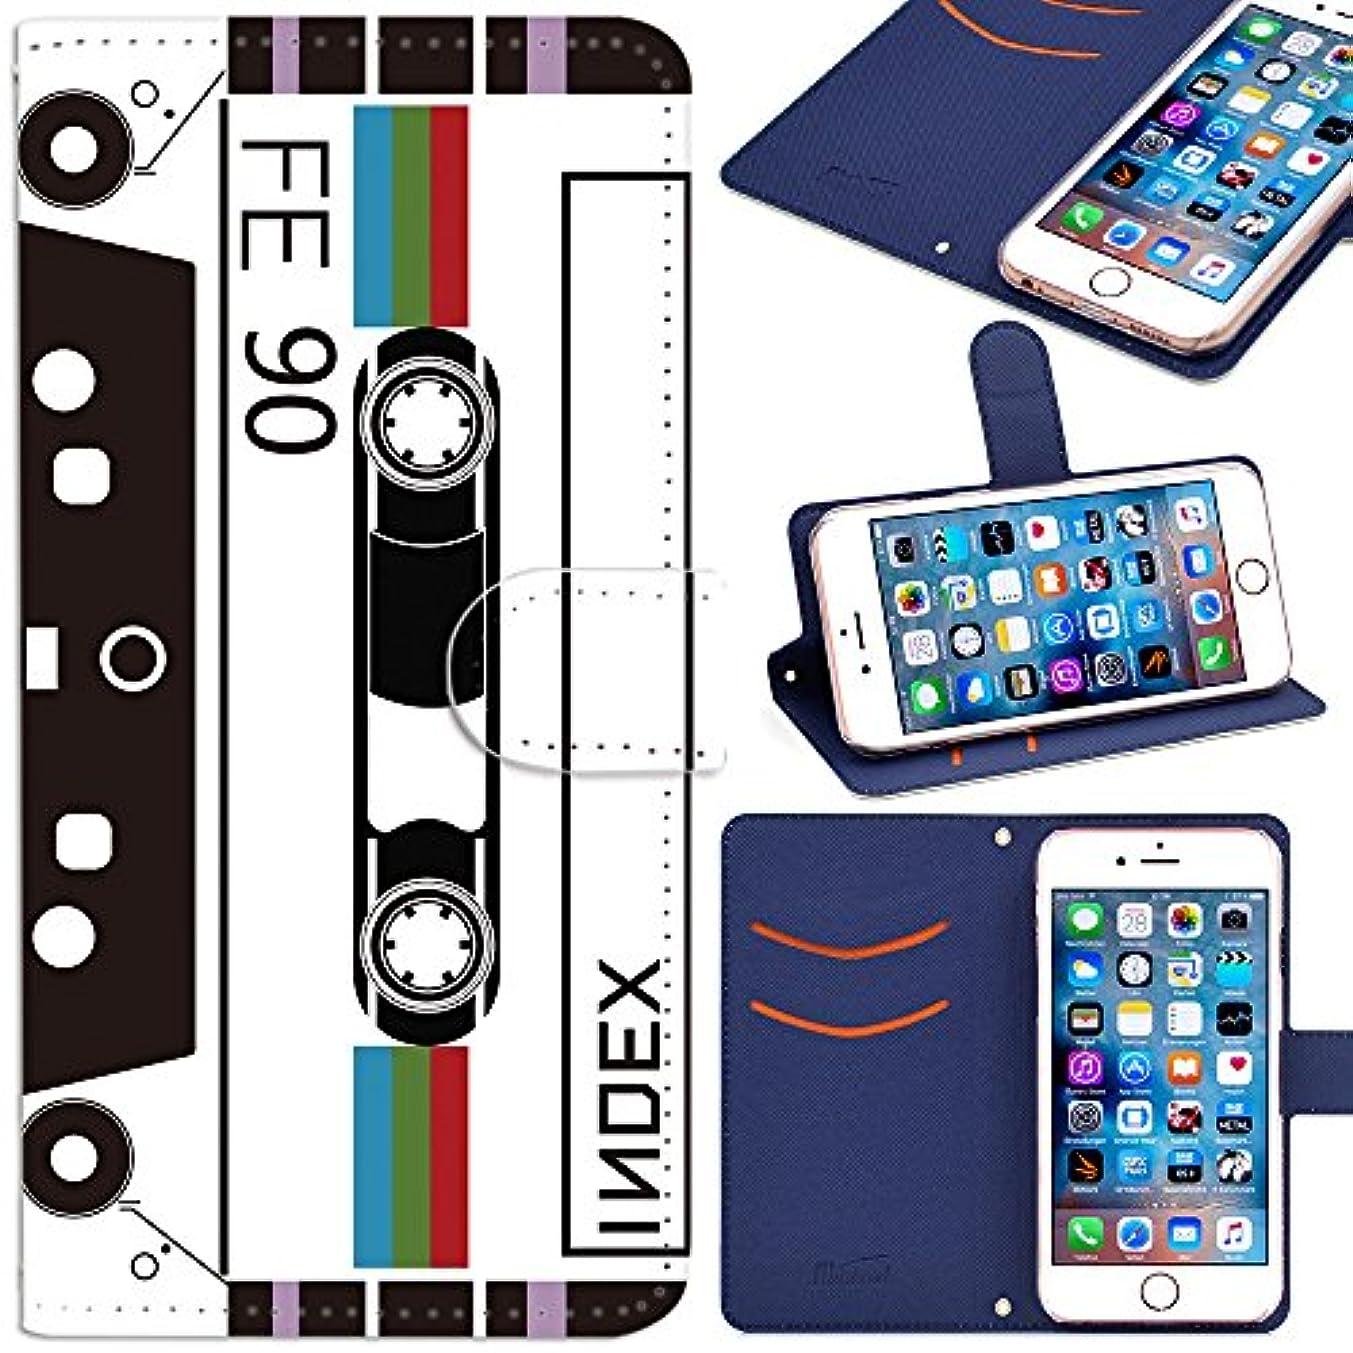 相関する神経仮称iPhone 6s Plus カバー スタンド機能、カードホルダ付き Minisuit series Type I93 カセット1 Y01シリーズ